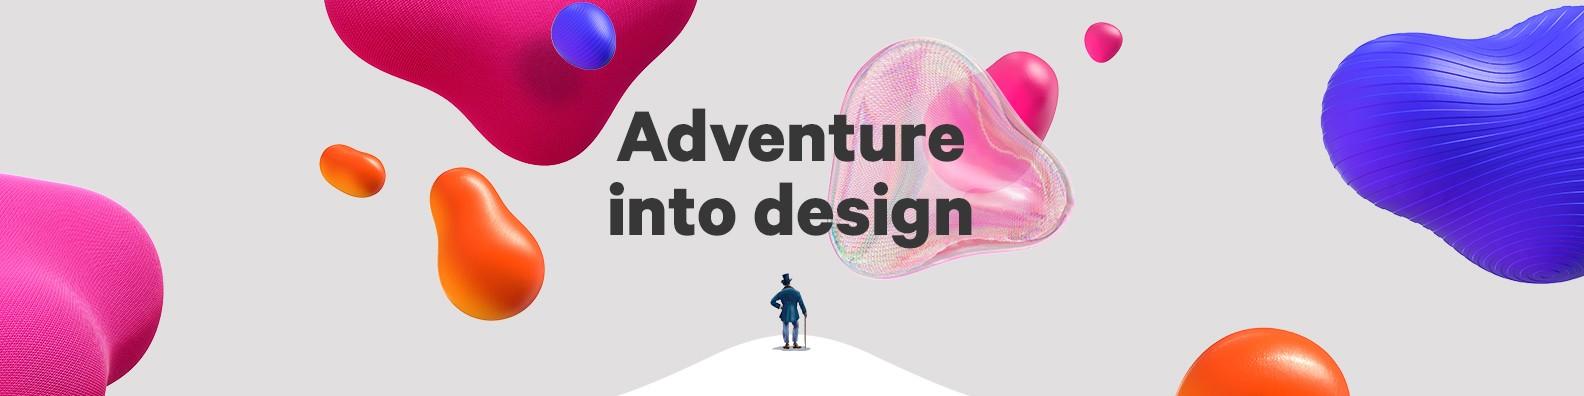 Billy Blue College Of Design Linkedin